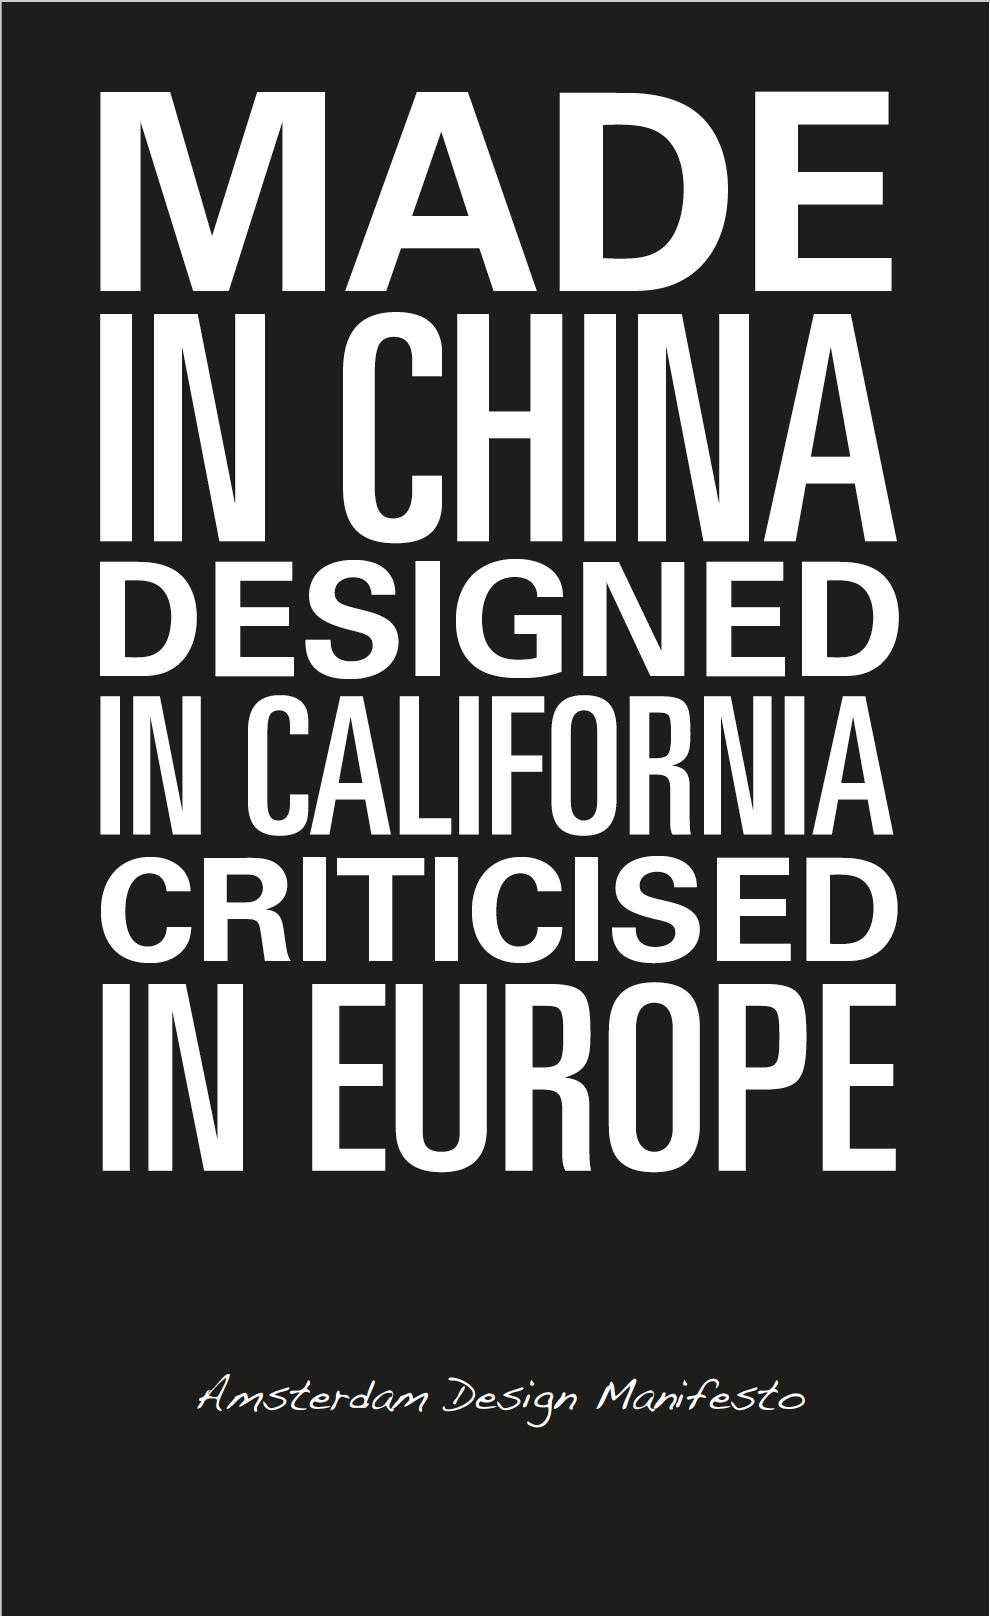 Cover design manifesto